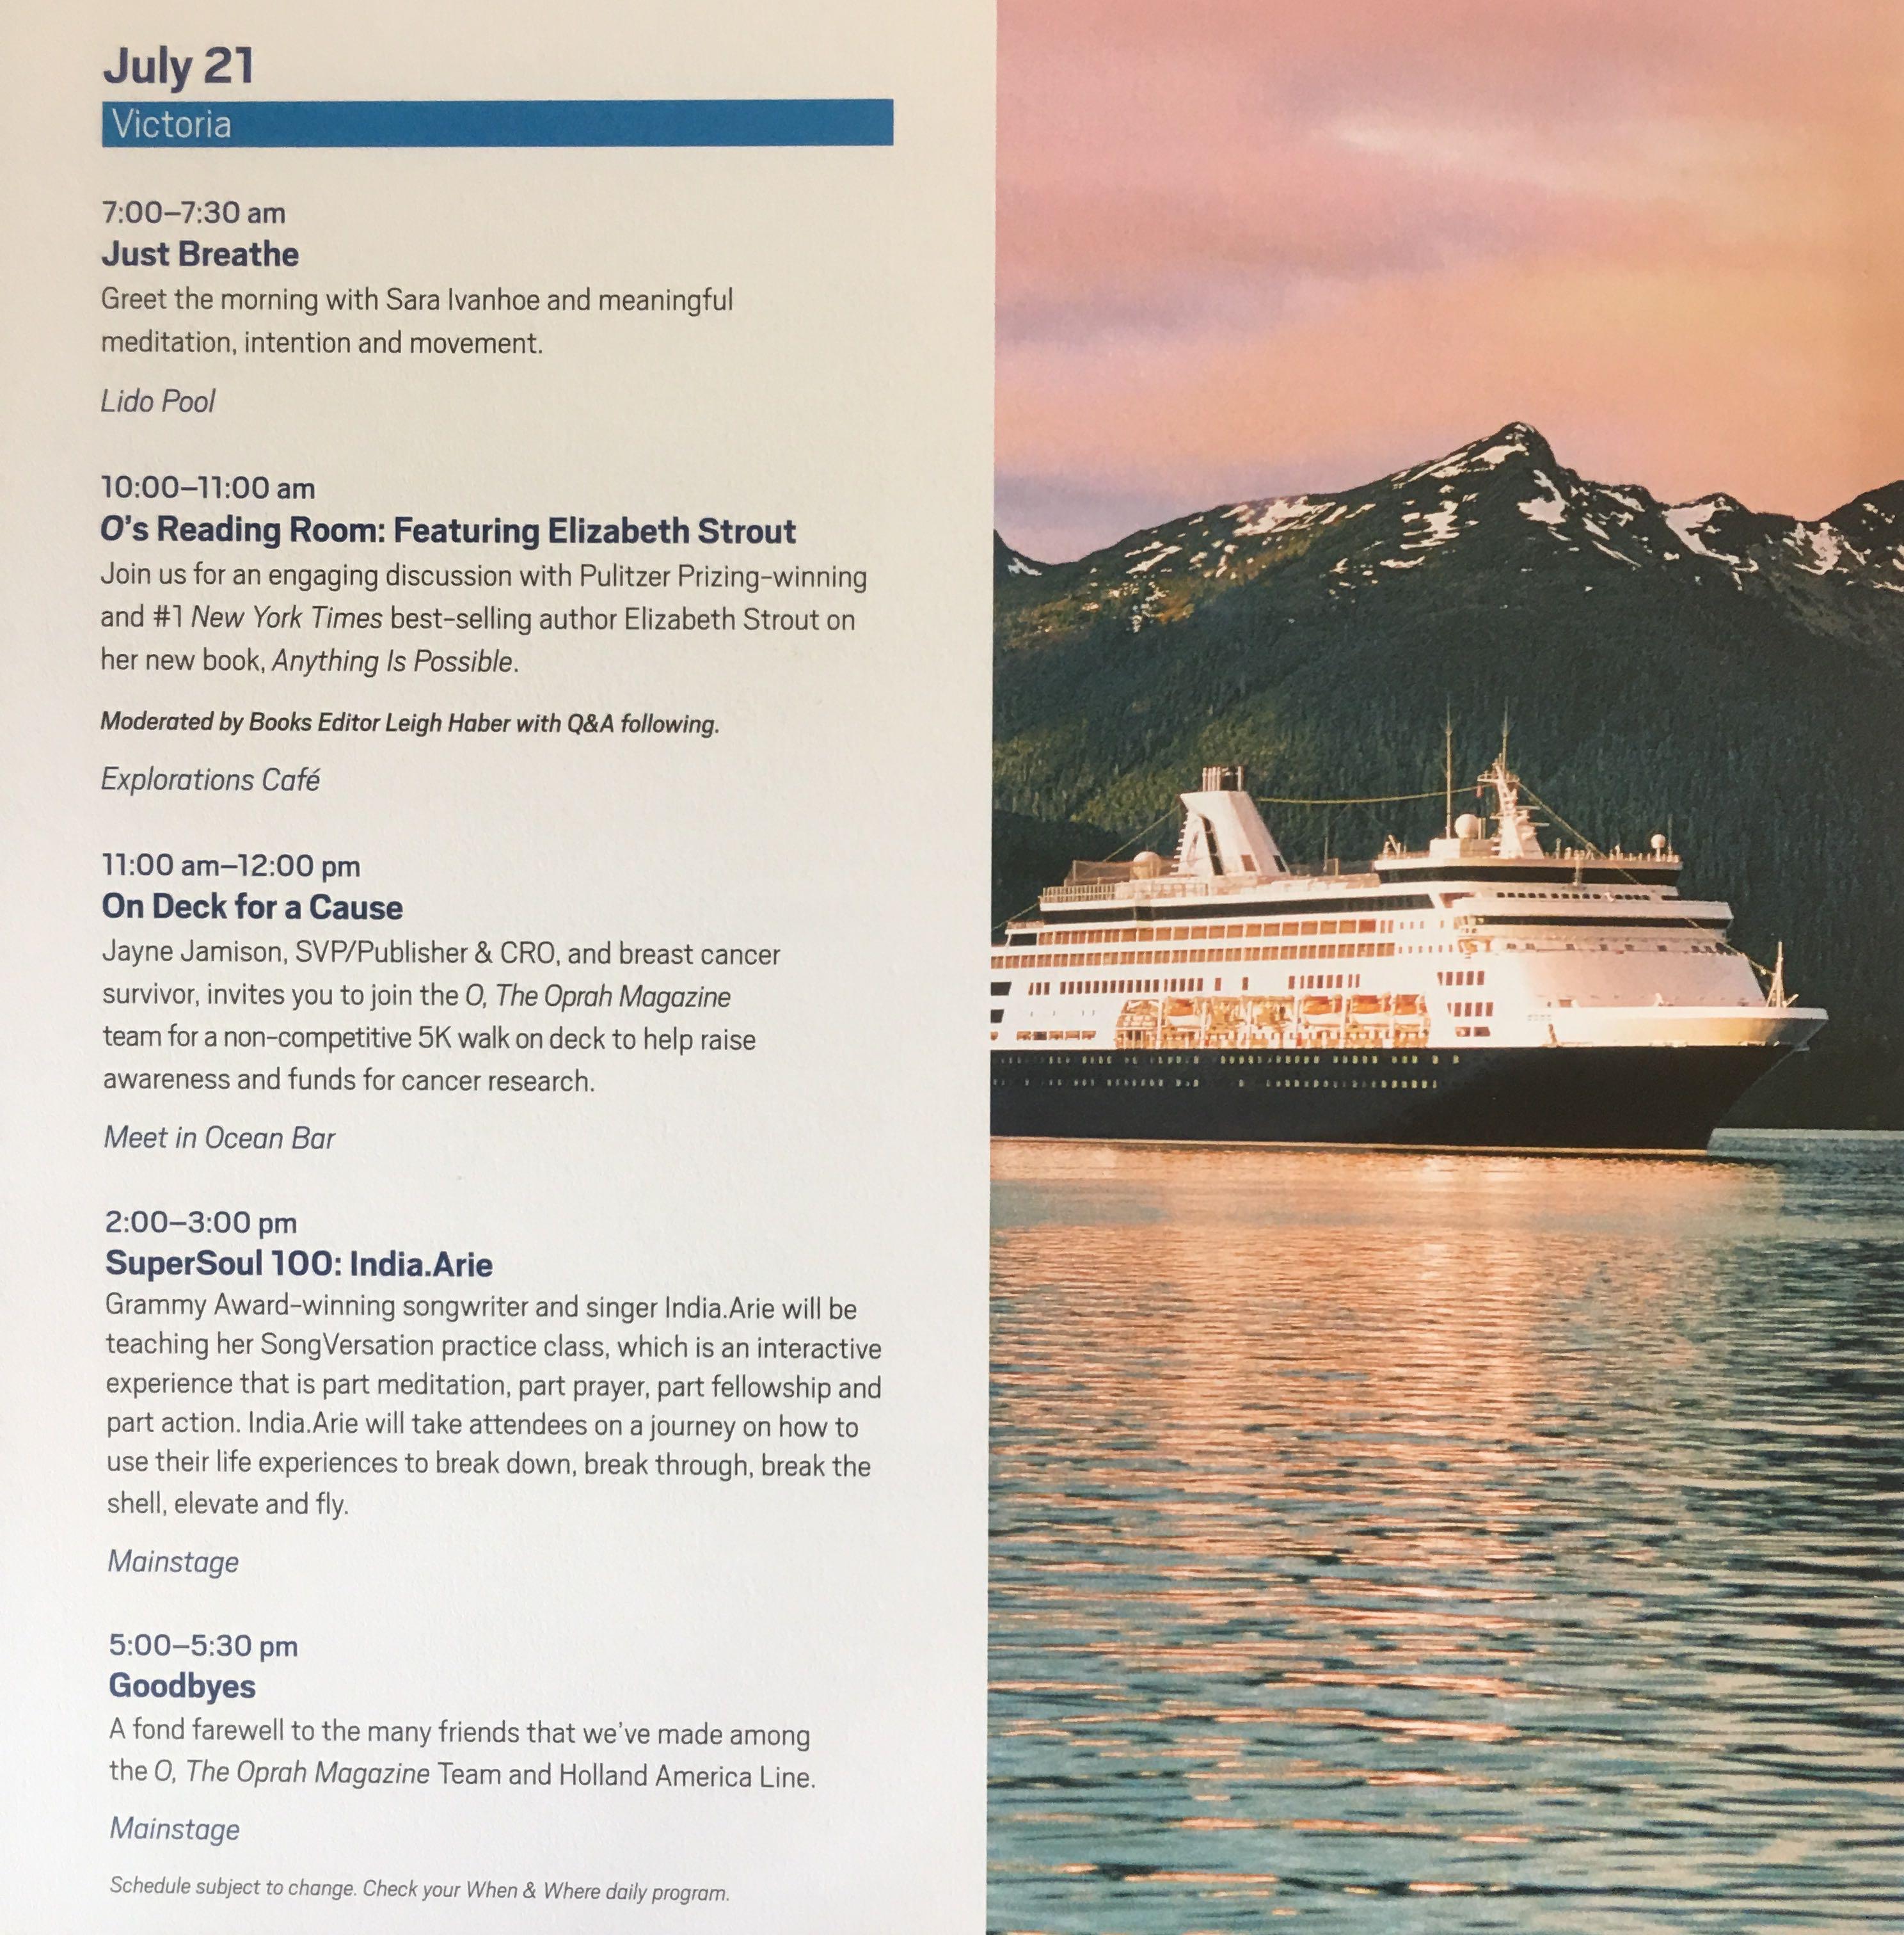 Oprah Cruise Guide – 08